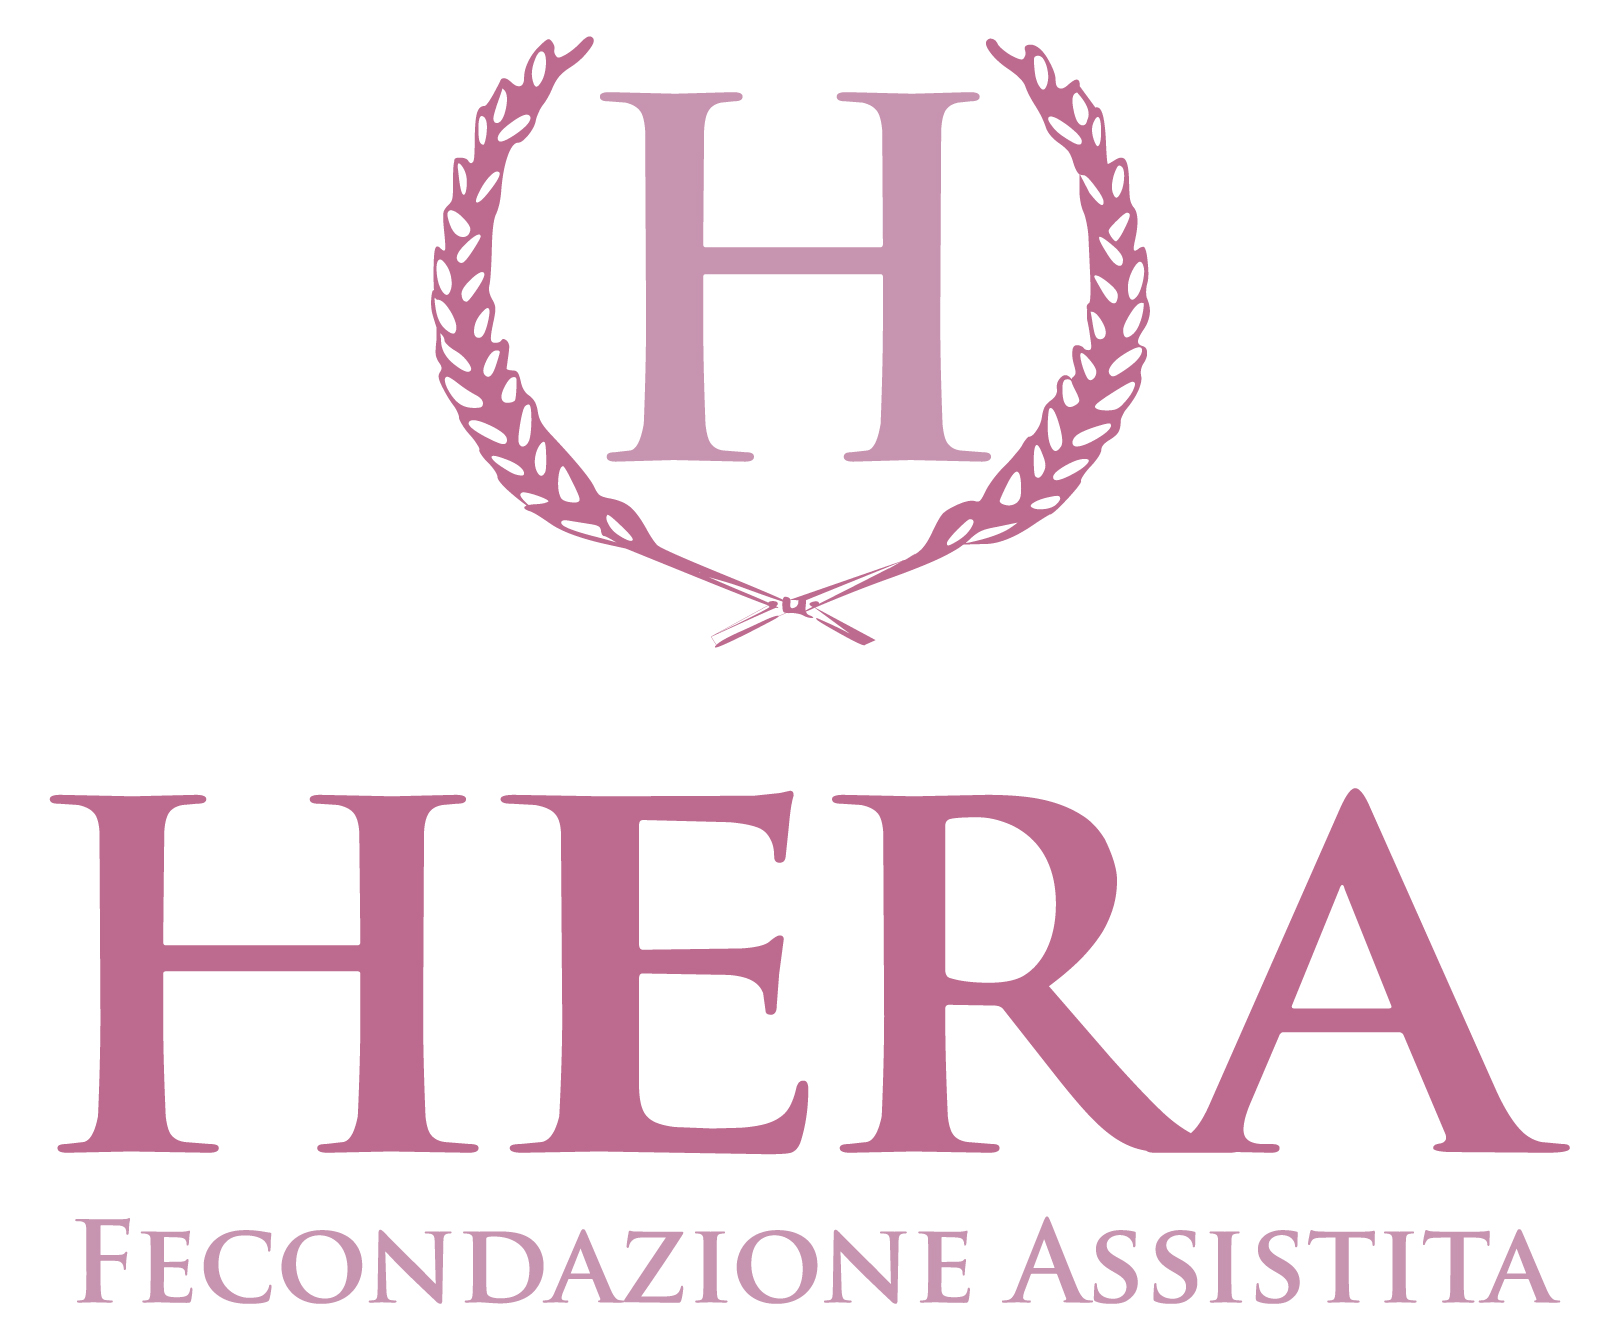 hera-logo-rosa